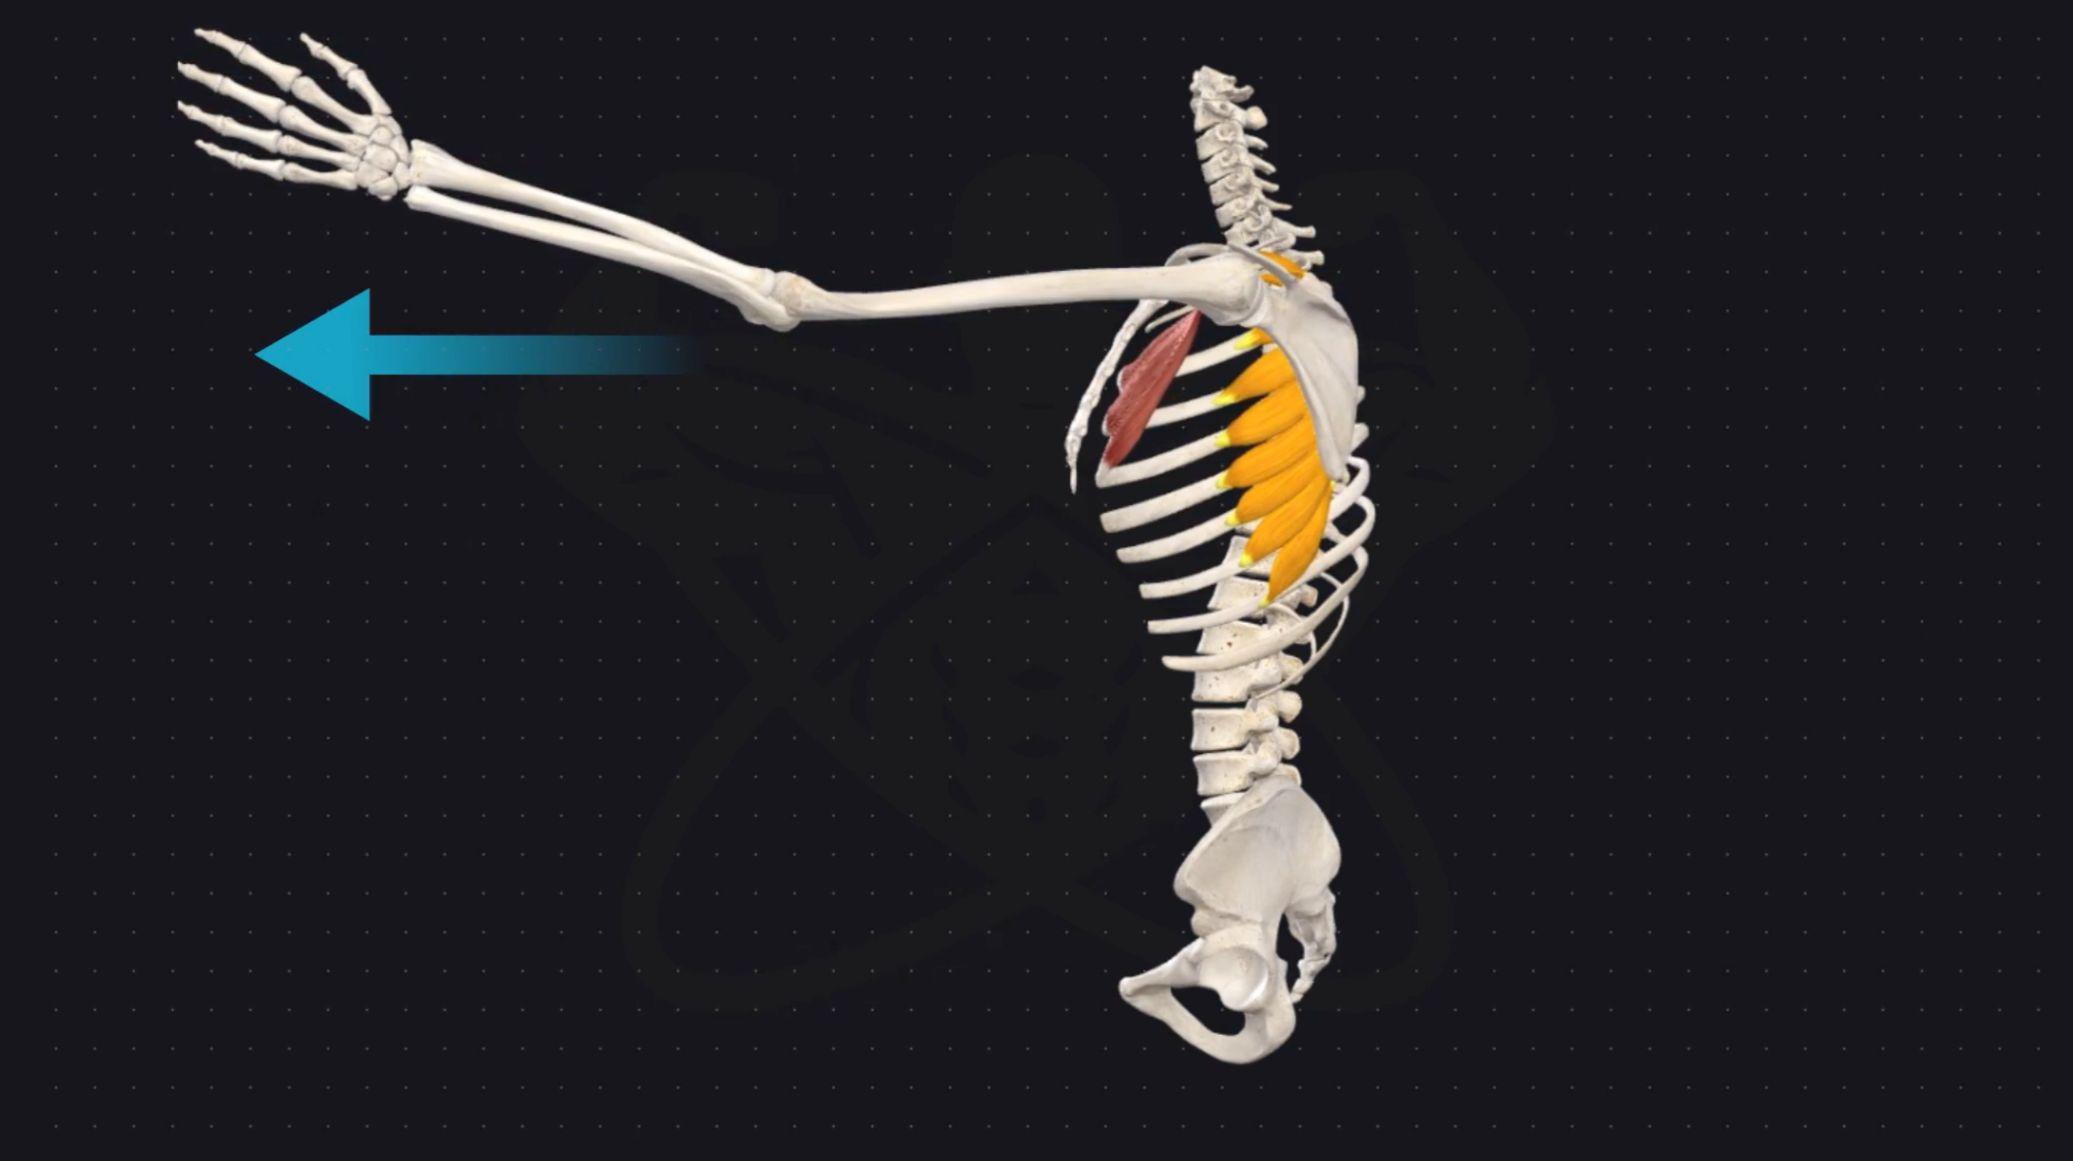 Serratus anterior function